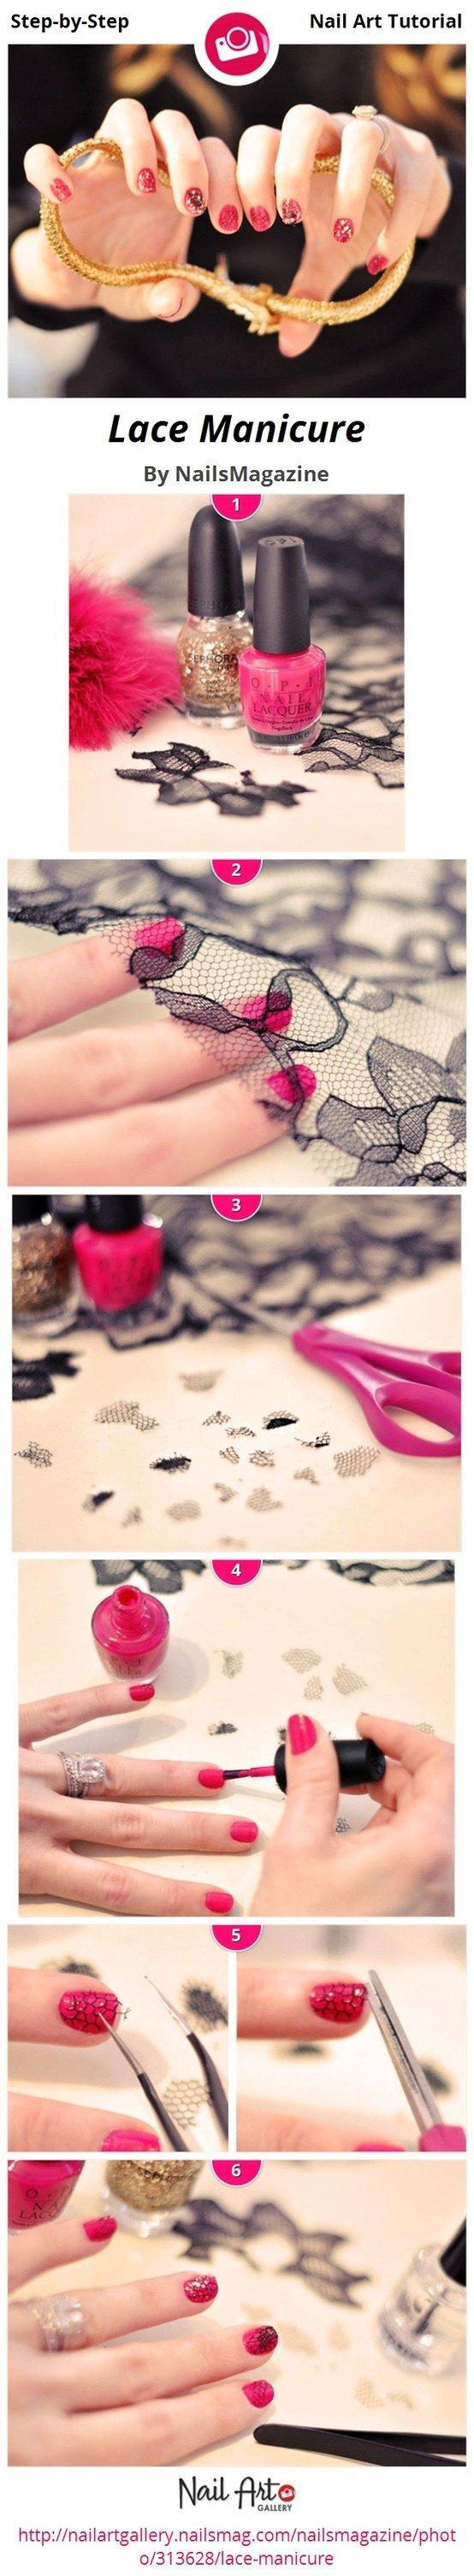 10 eenvoudige stap voor stap Nail Art-zelfstudies